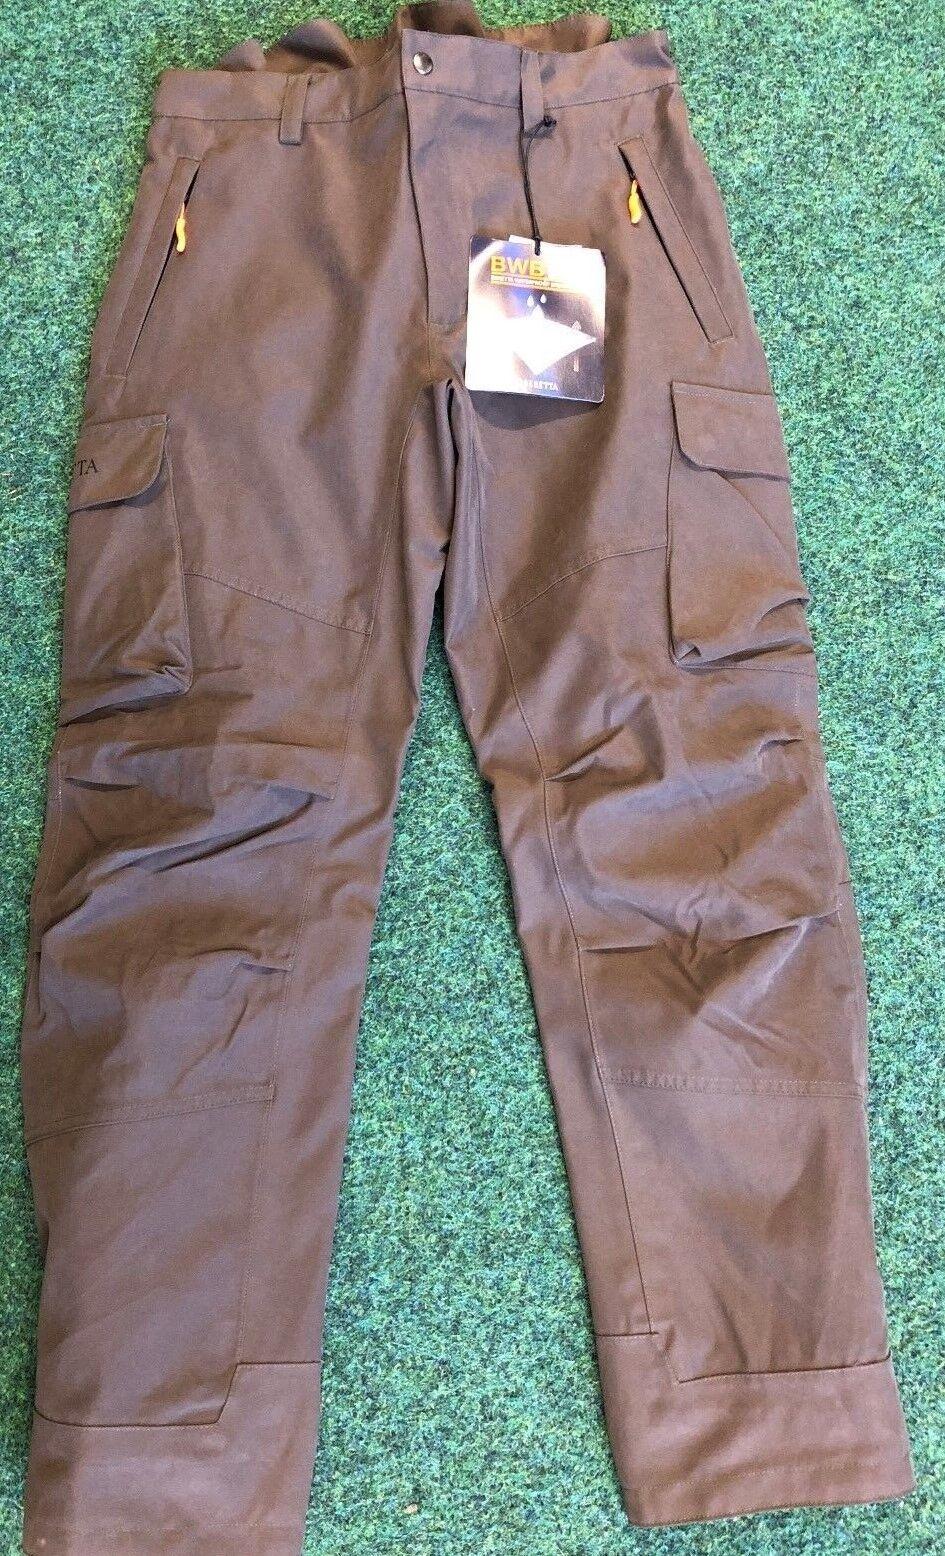 Beretta Brown Bear Hunting Stalking Shooting Trousers Waterproof Breathable